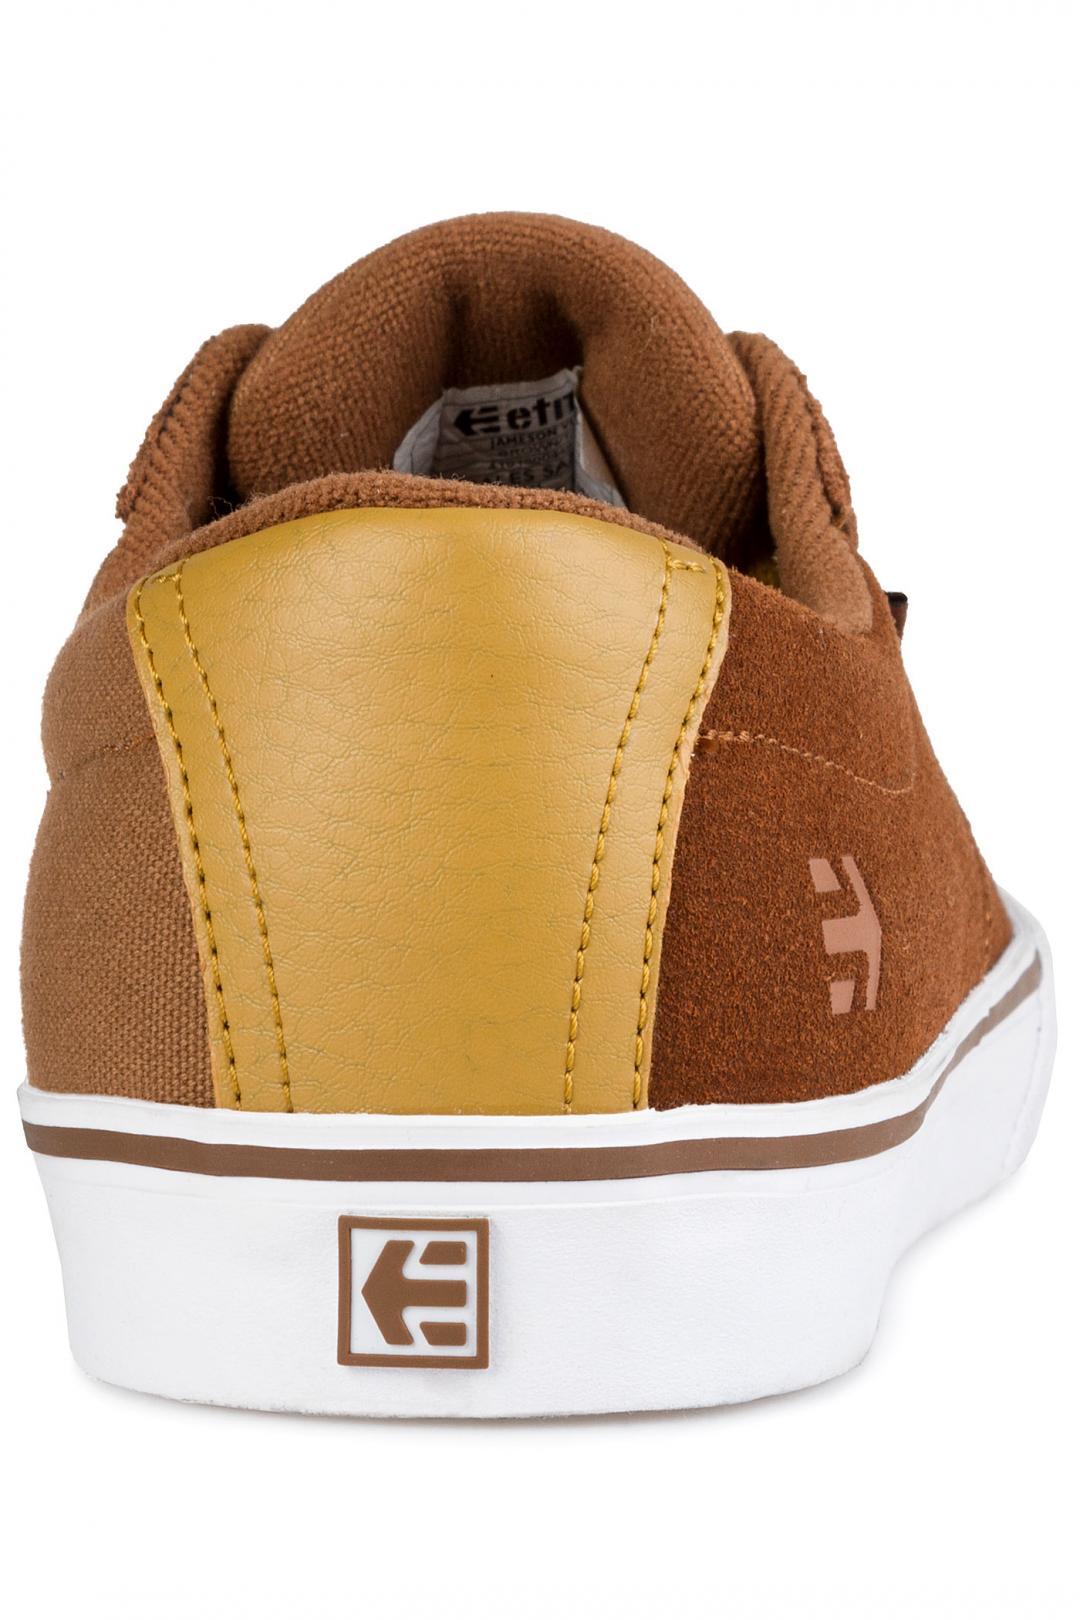 Uomo Etnies Jameson Vulc brown tan | Scarpe da skate